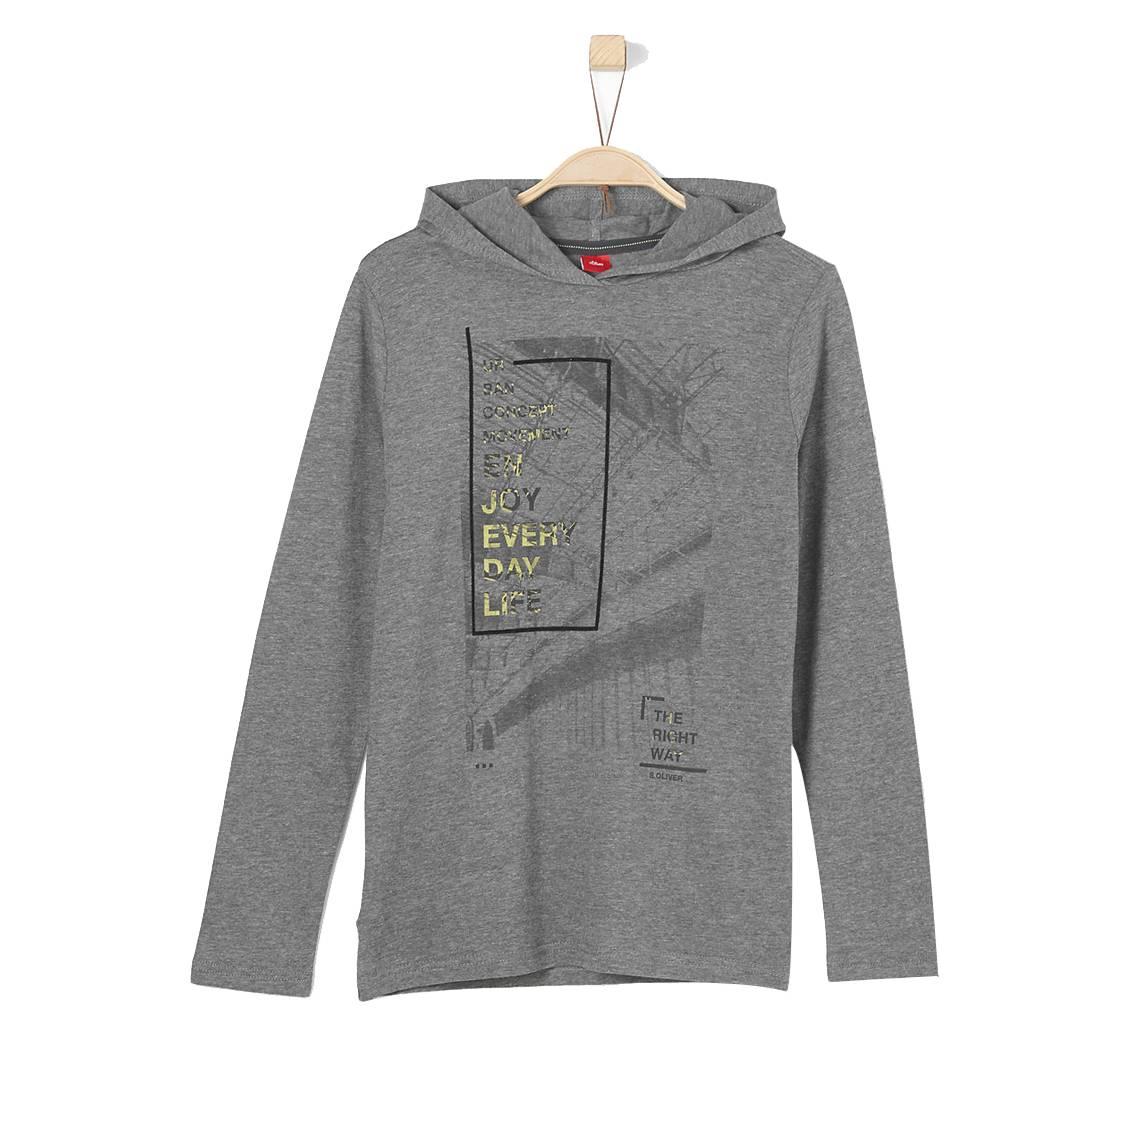 Tee-shirt manches longues à capuche S. Oliver Junior en coton mélangé gris anthracite chiné floqué